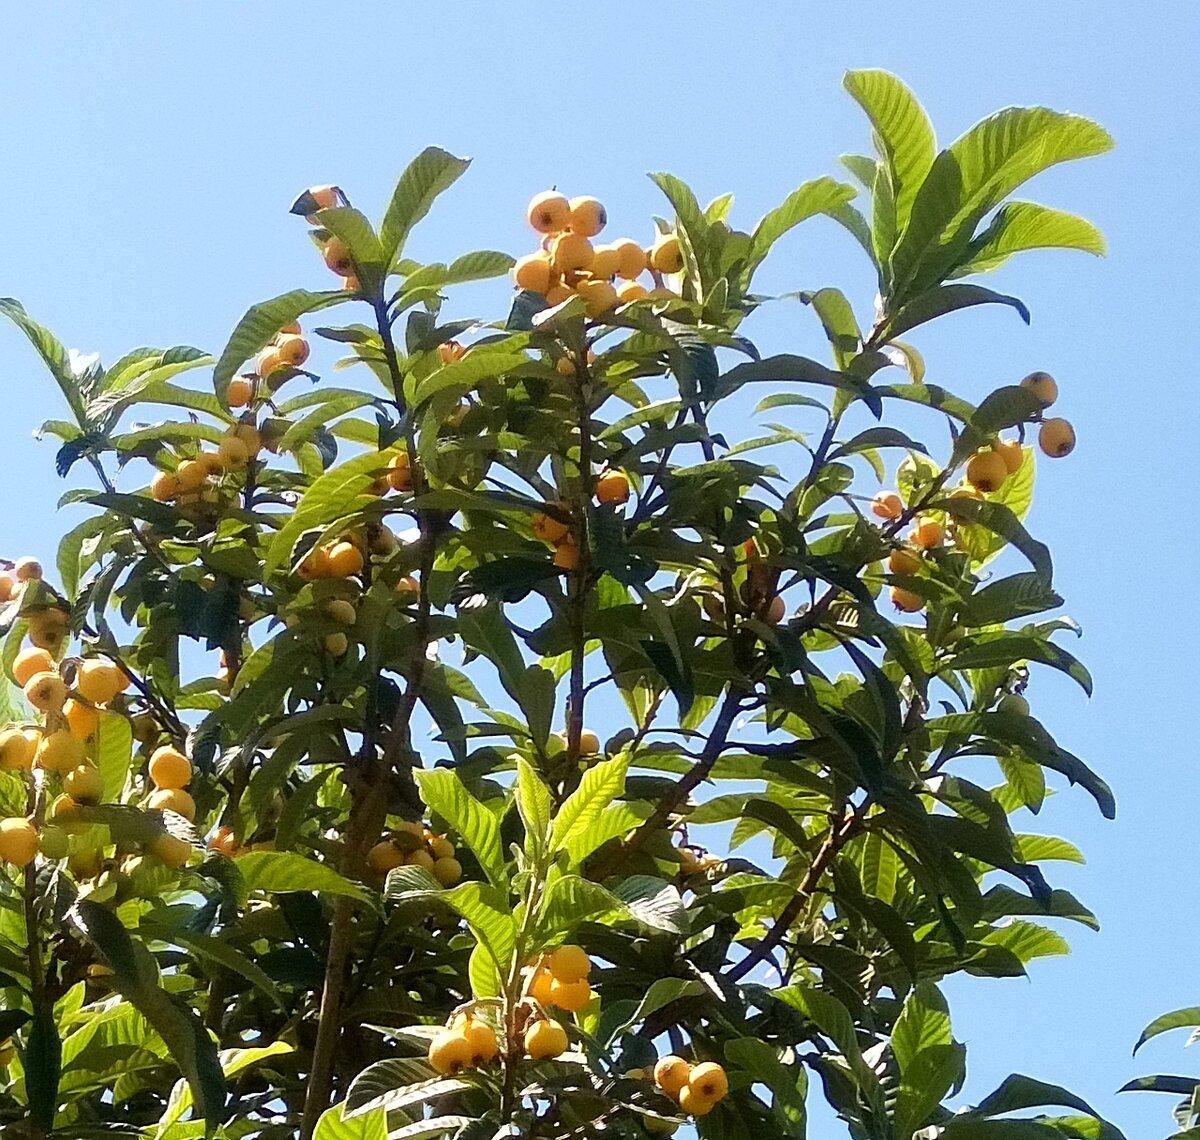 поможем плоды растущие в сочи с фото всех коллекций лубутена